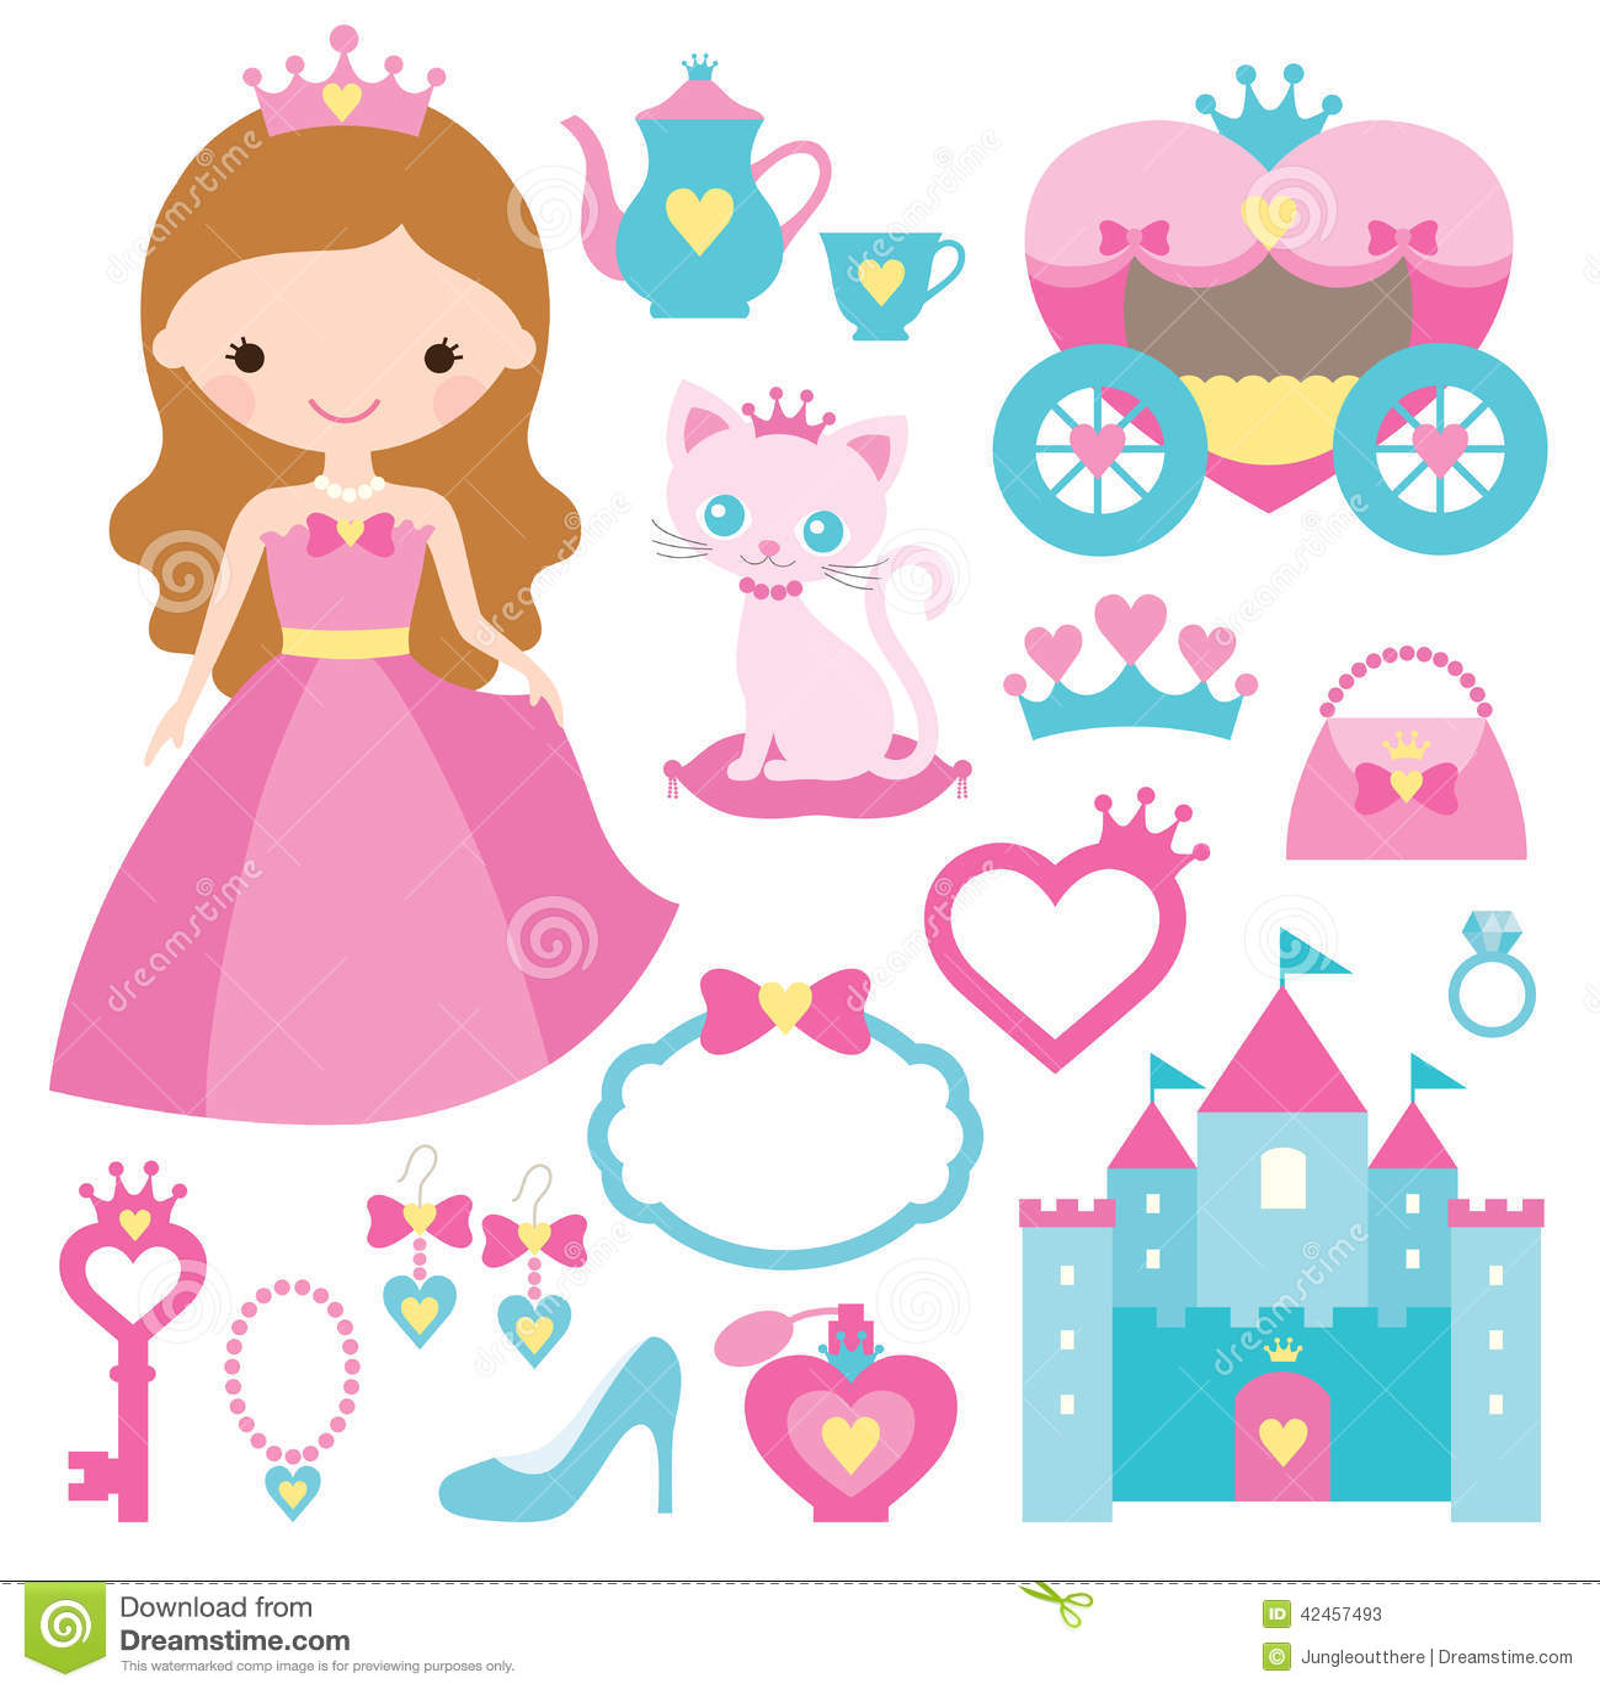 Prinzessin Design Elements